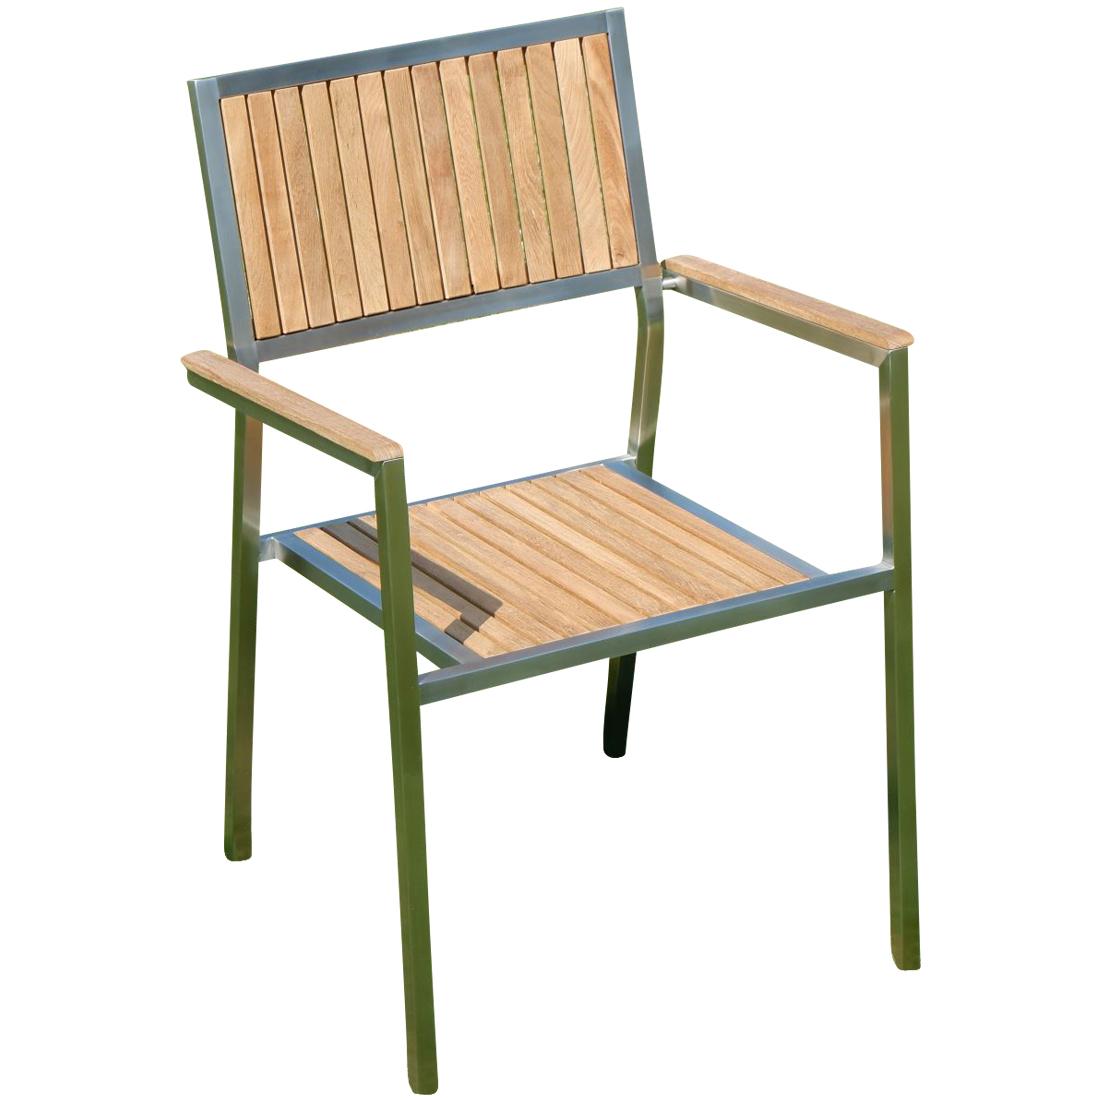 Sehr Designer Gartenstuhl mit Armlehne Gartensessel Stapelstuhl KUBA HG48